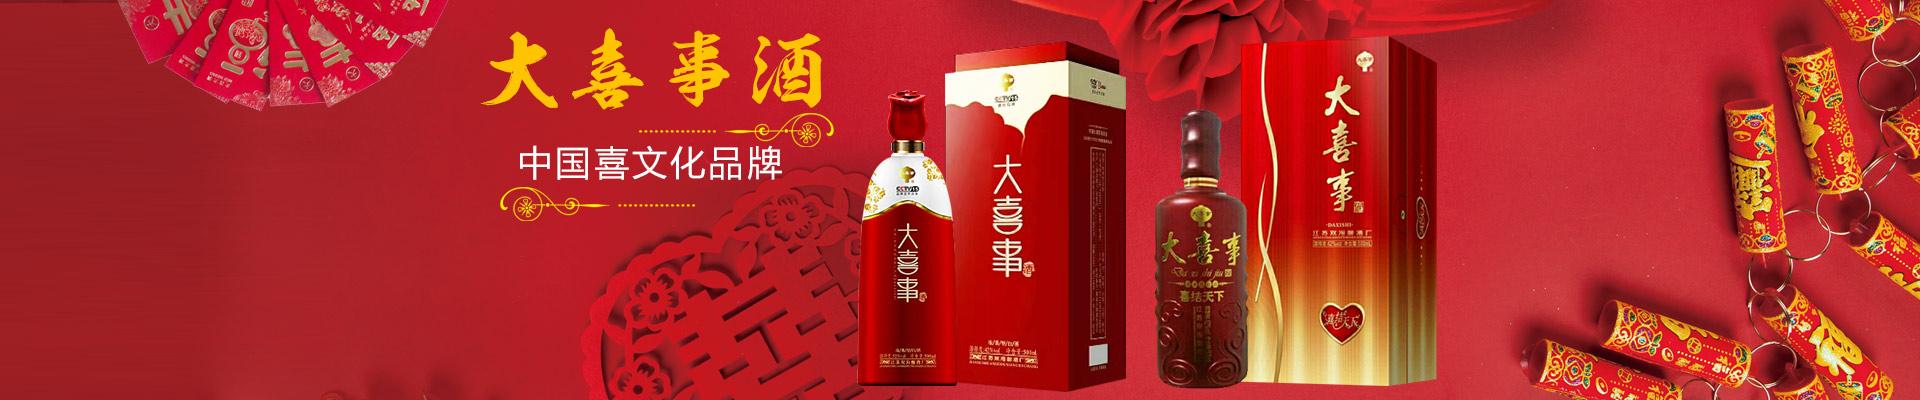 江苏双沟酿酒厂大喜事酒全国招商